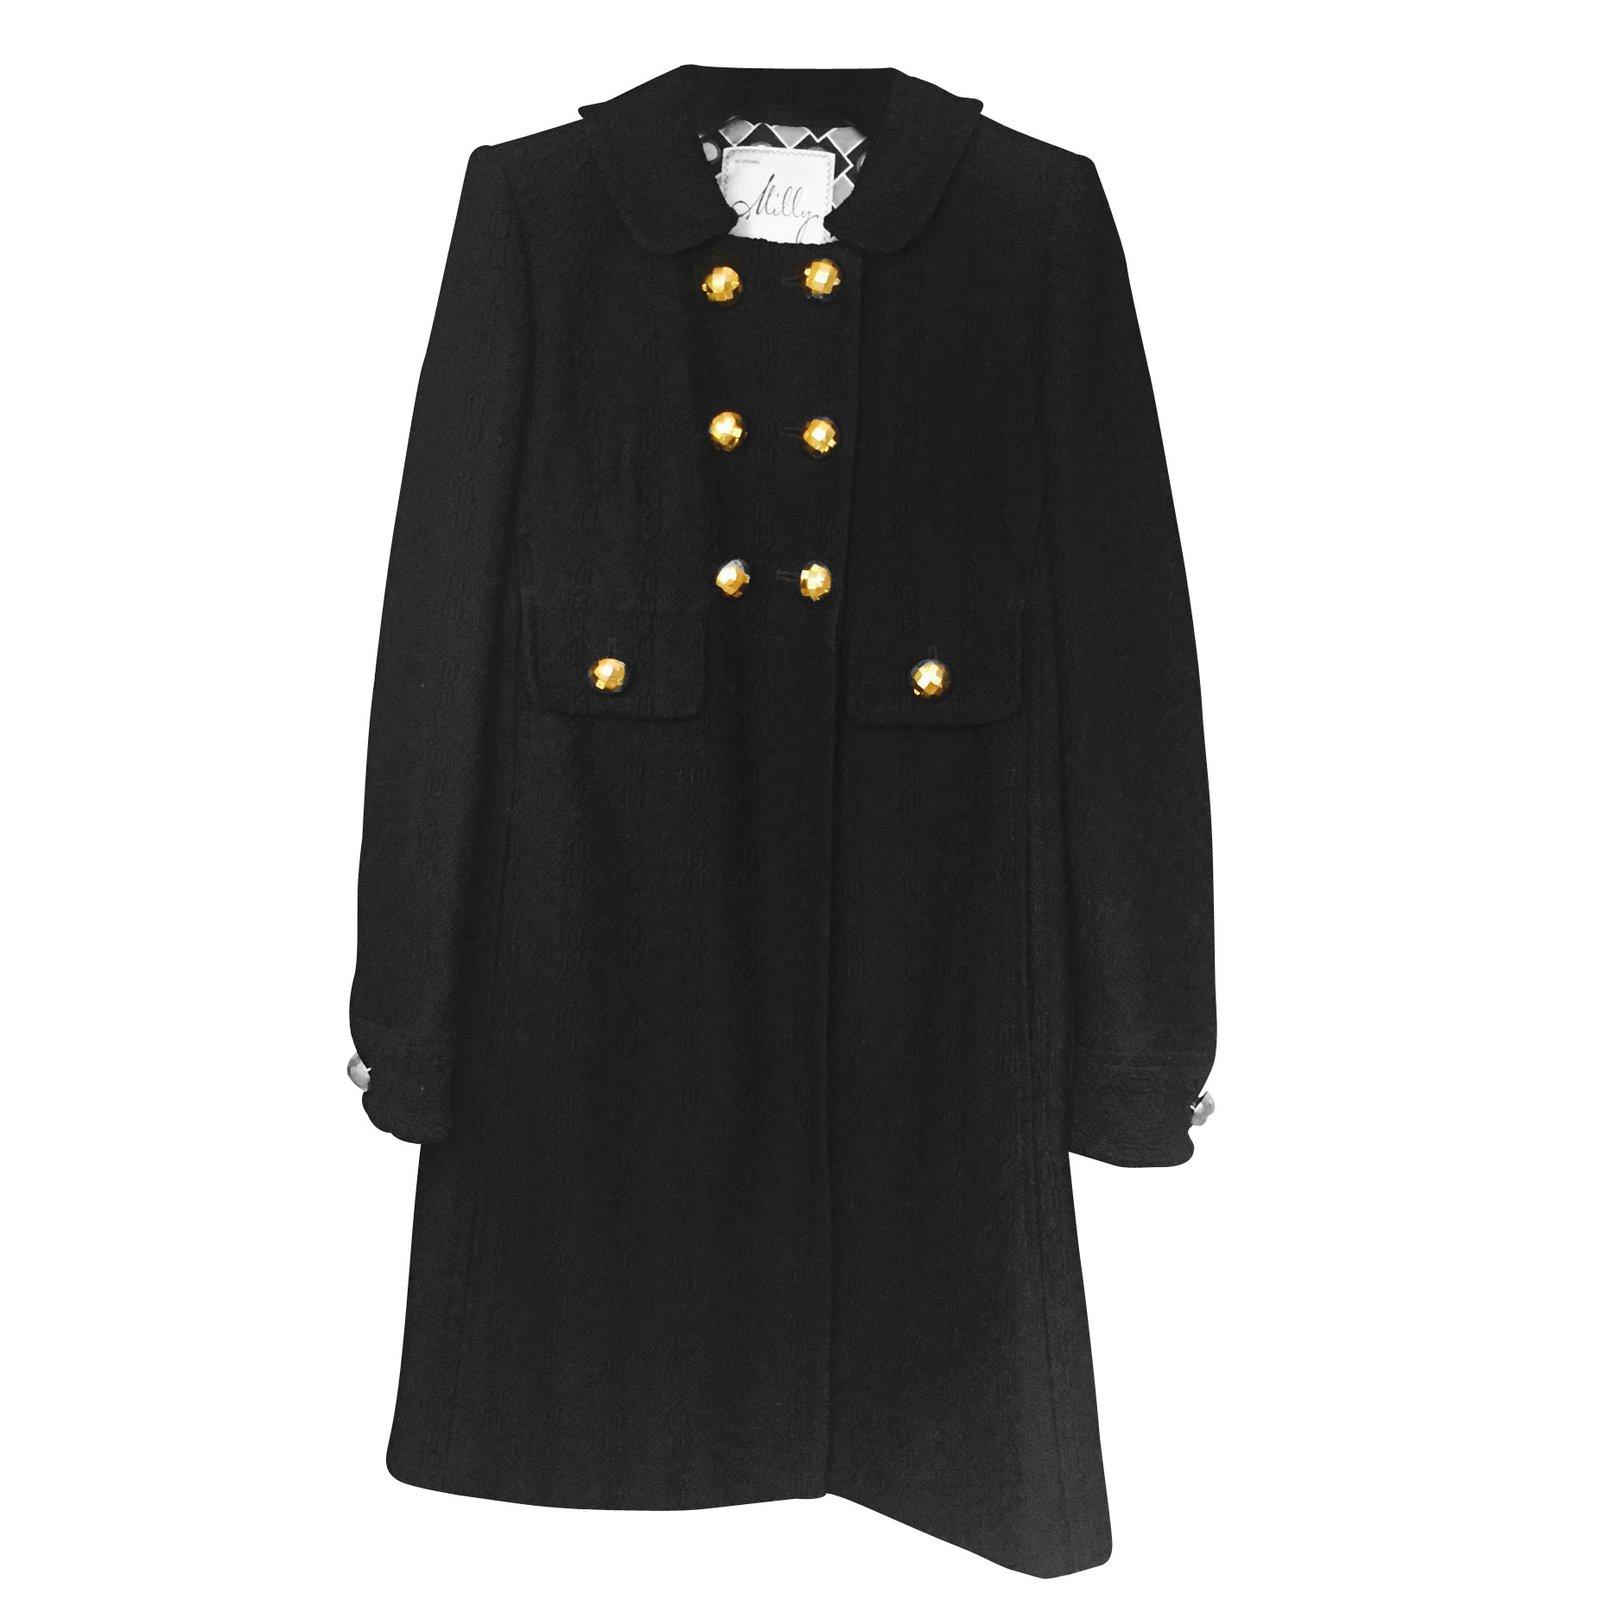 manteaux milly manteau laine noir joli closet. Black Bedroom Furniture Sets. Home Design Ideas